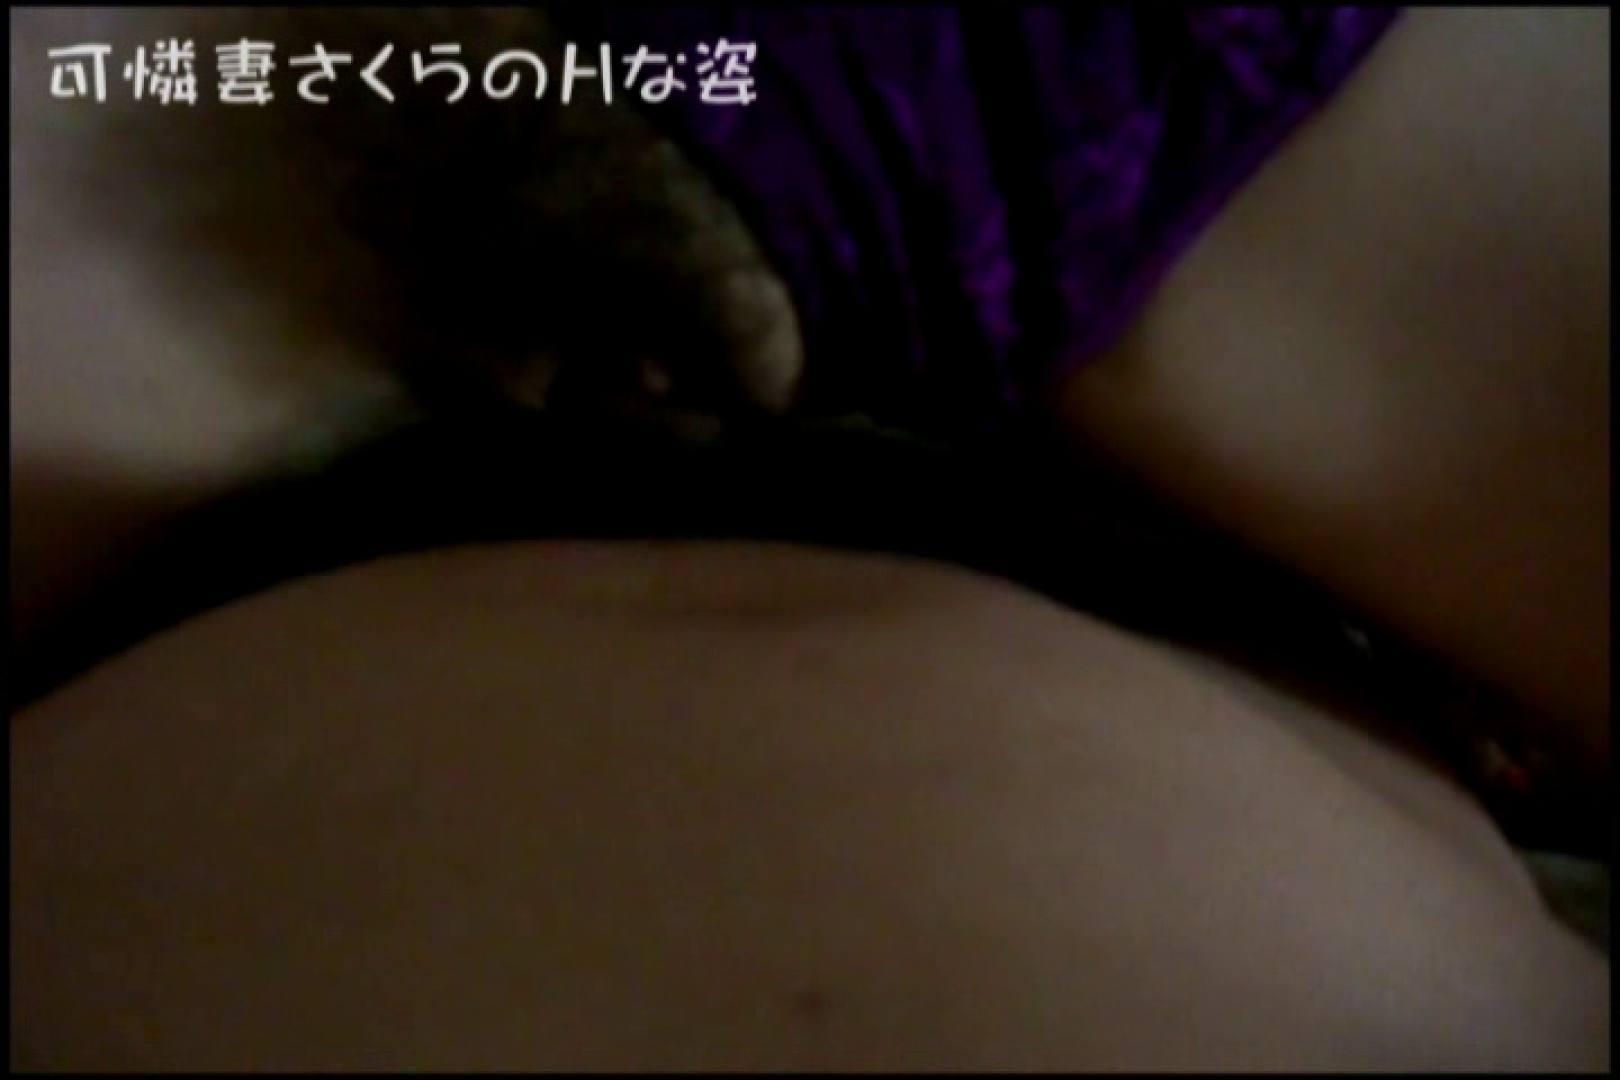 可憐妻さくらのHな姿vol.6 OL裸体 | 熟女の裸体  68画像 46